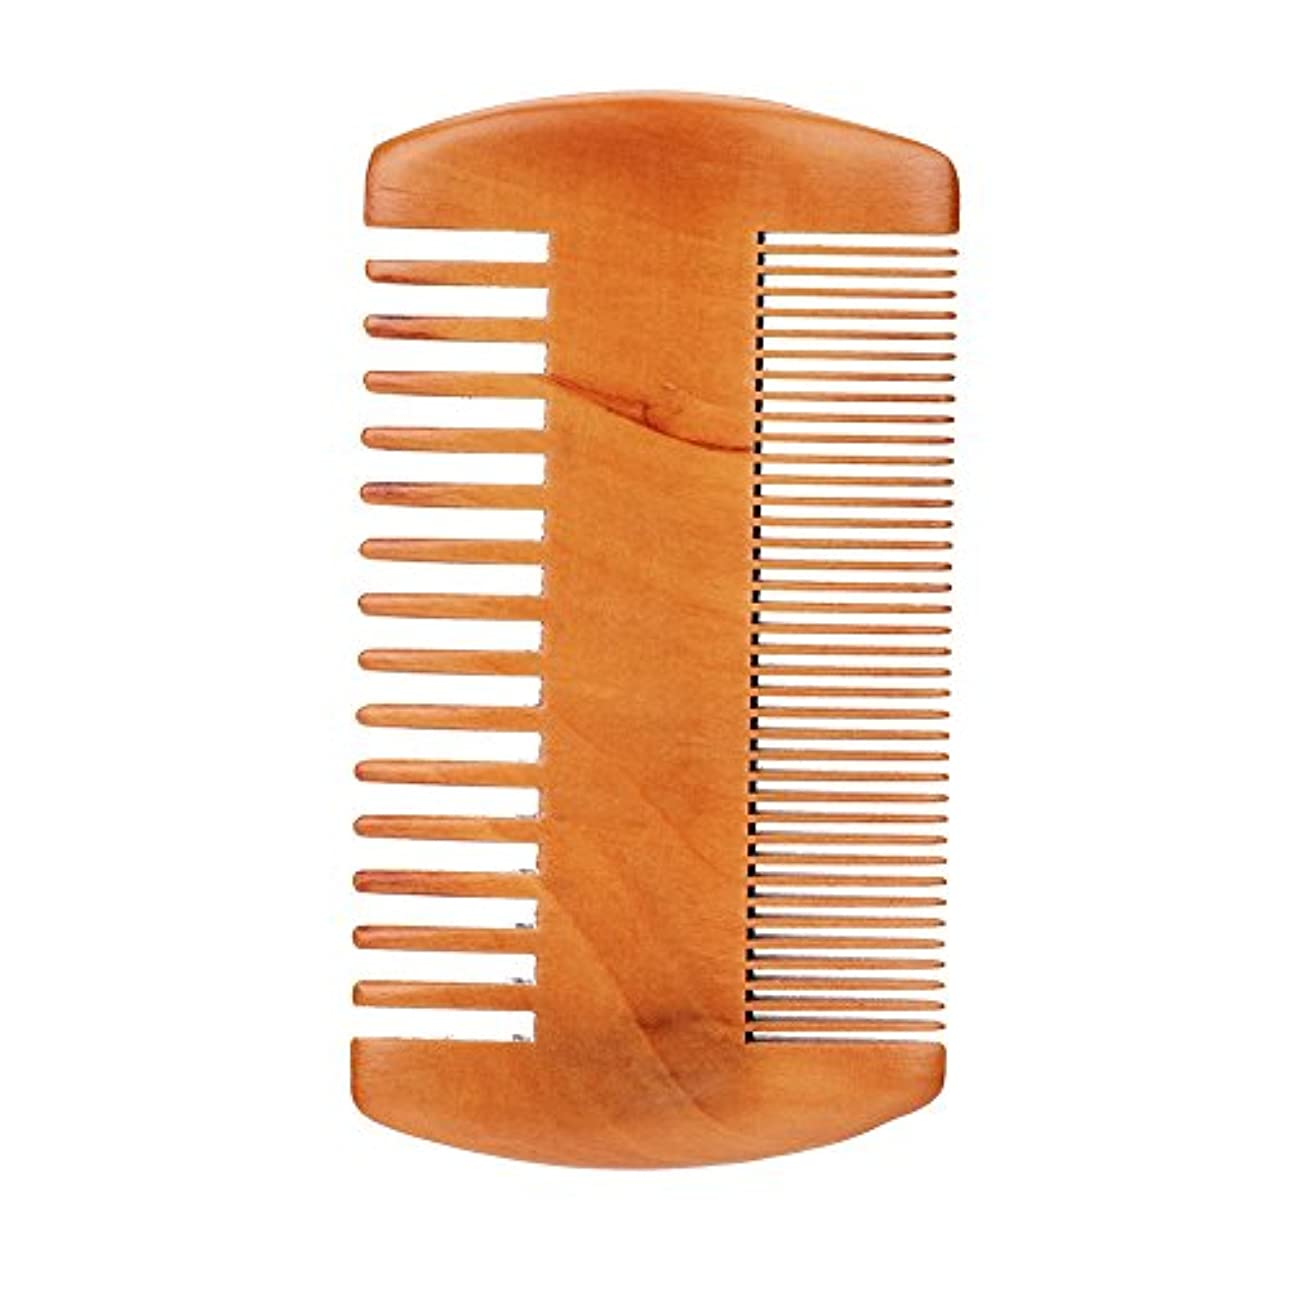 軽量ゴミ箱広げる男性用ひげケアキット、顔用ひげアナグマ+櫛+はさみフェイシャルマッサージ専用のひげ剃り専用キット(#2)